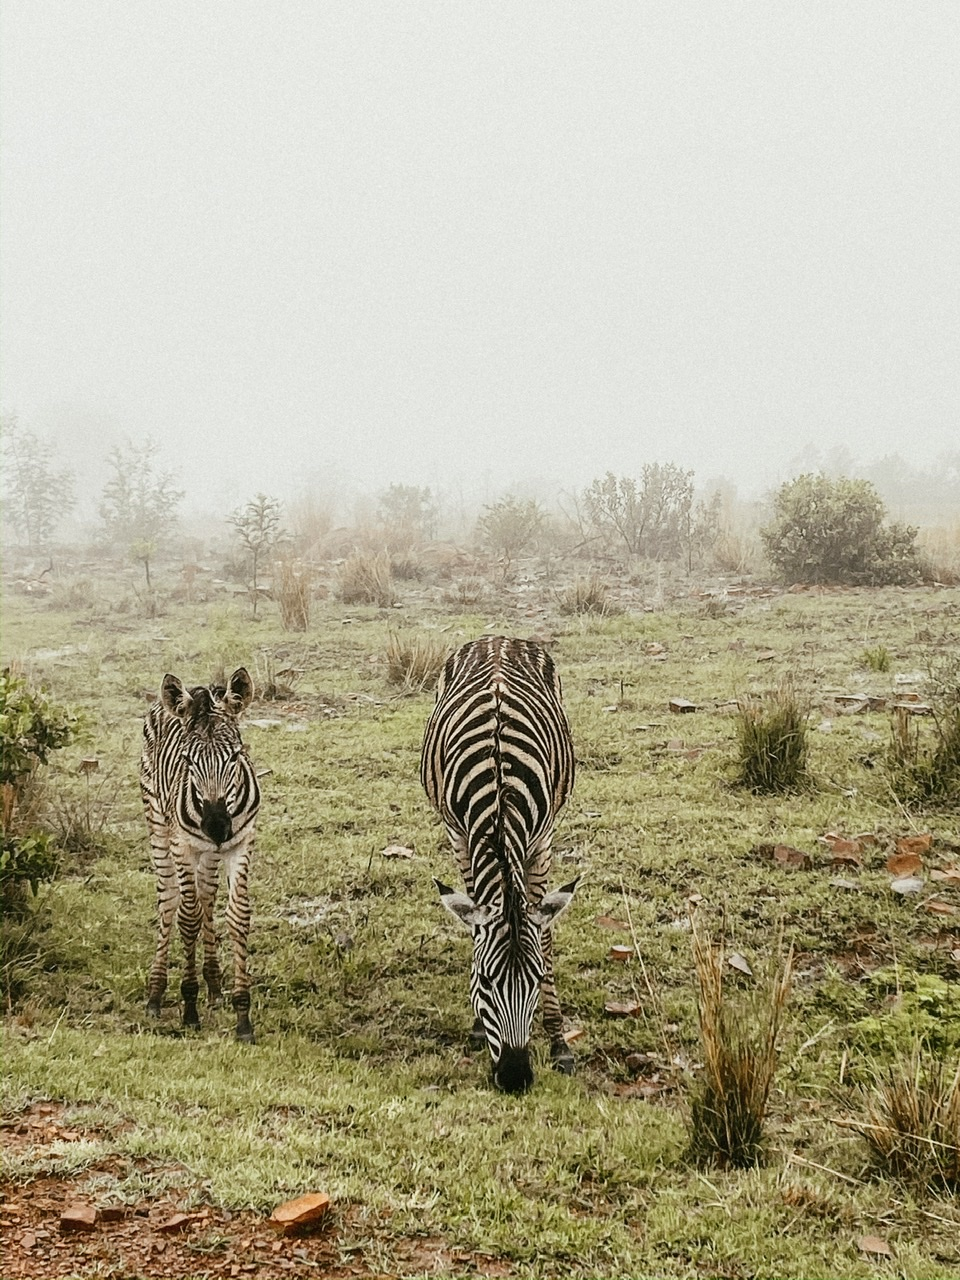 Zebras Pretoria South Africa